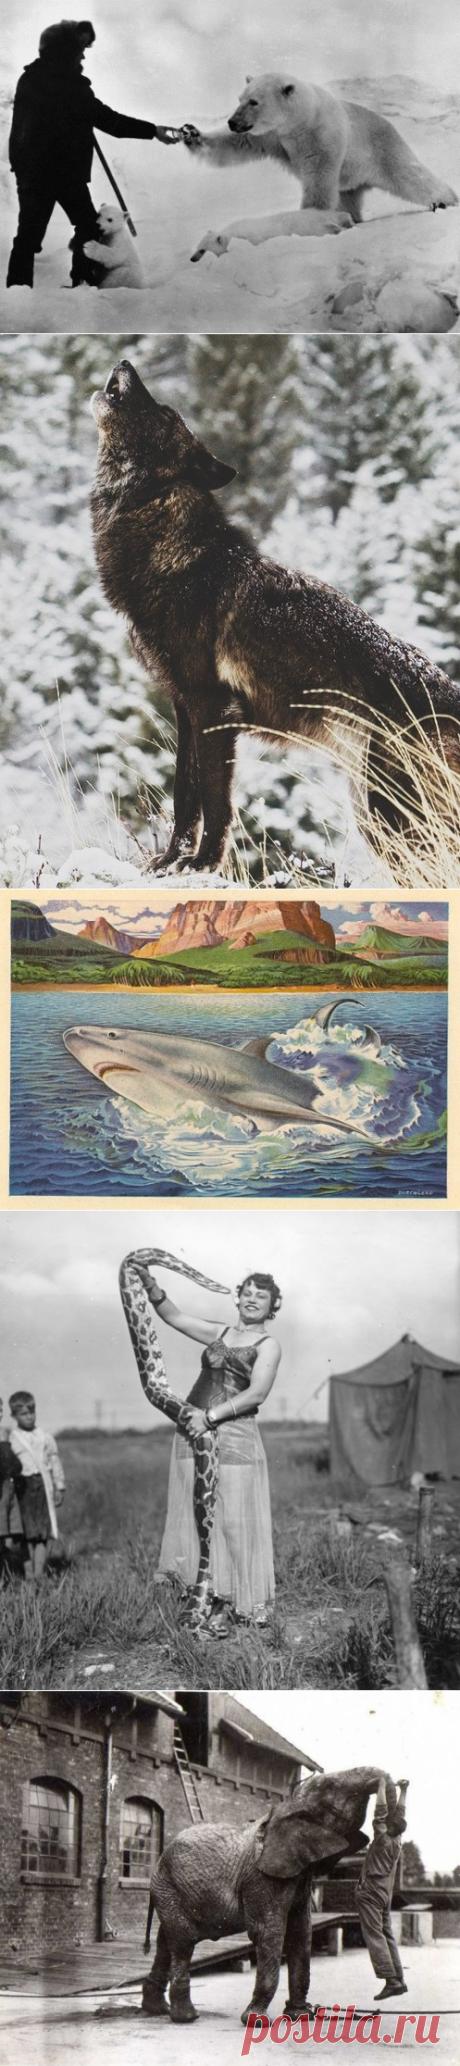 5 животных, чья опасность для человека сильно преувеличена - Мир Путешествий